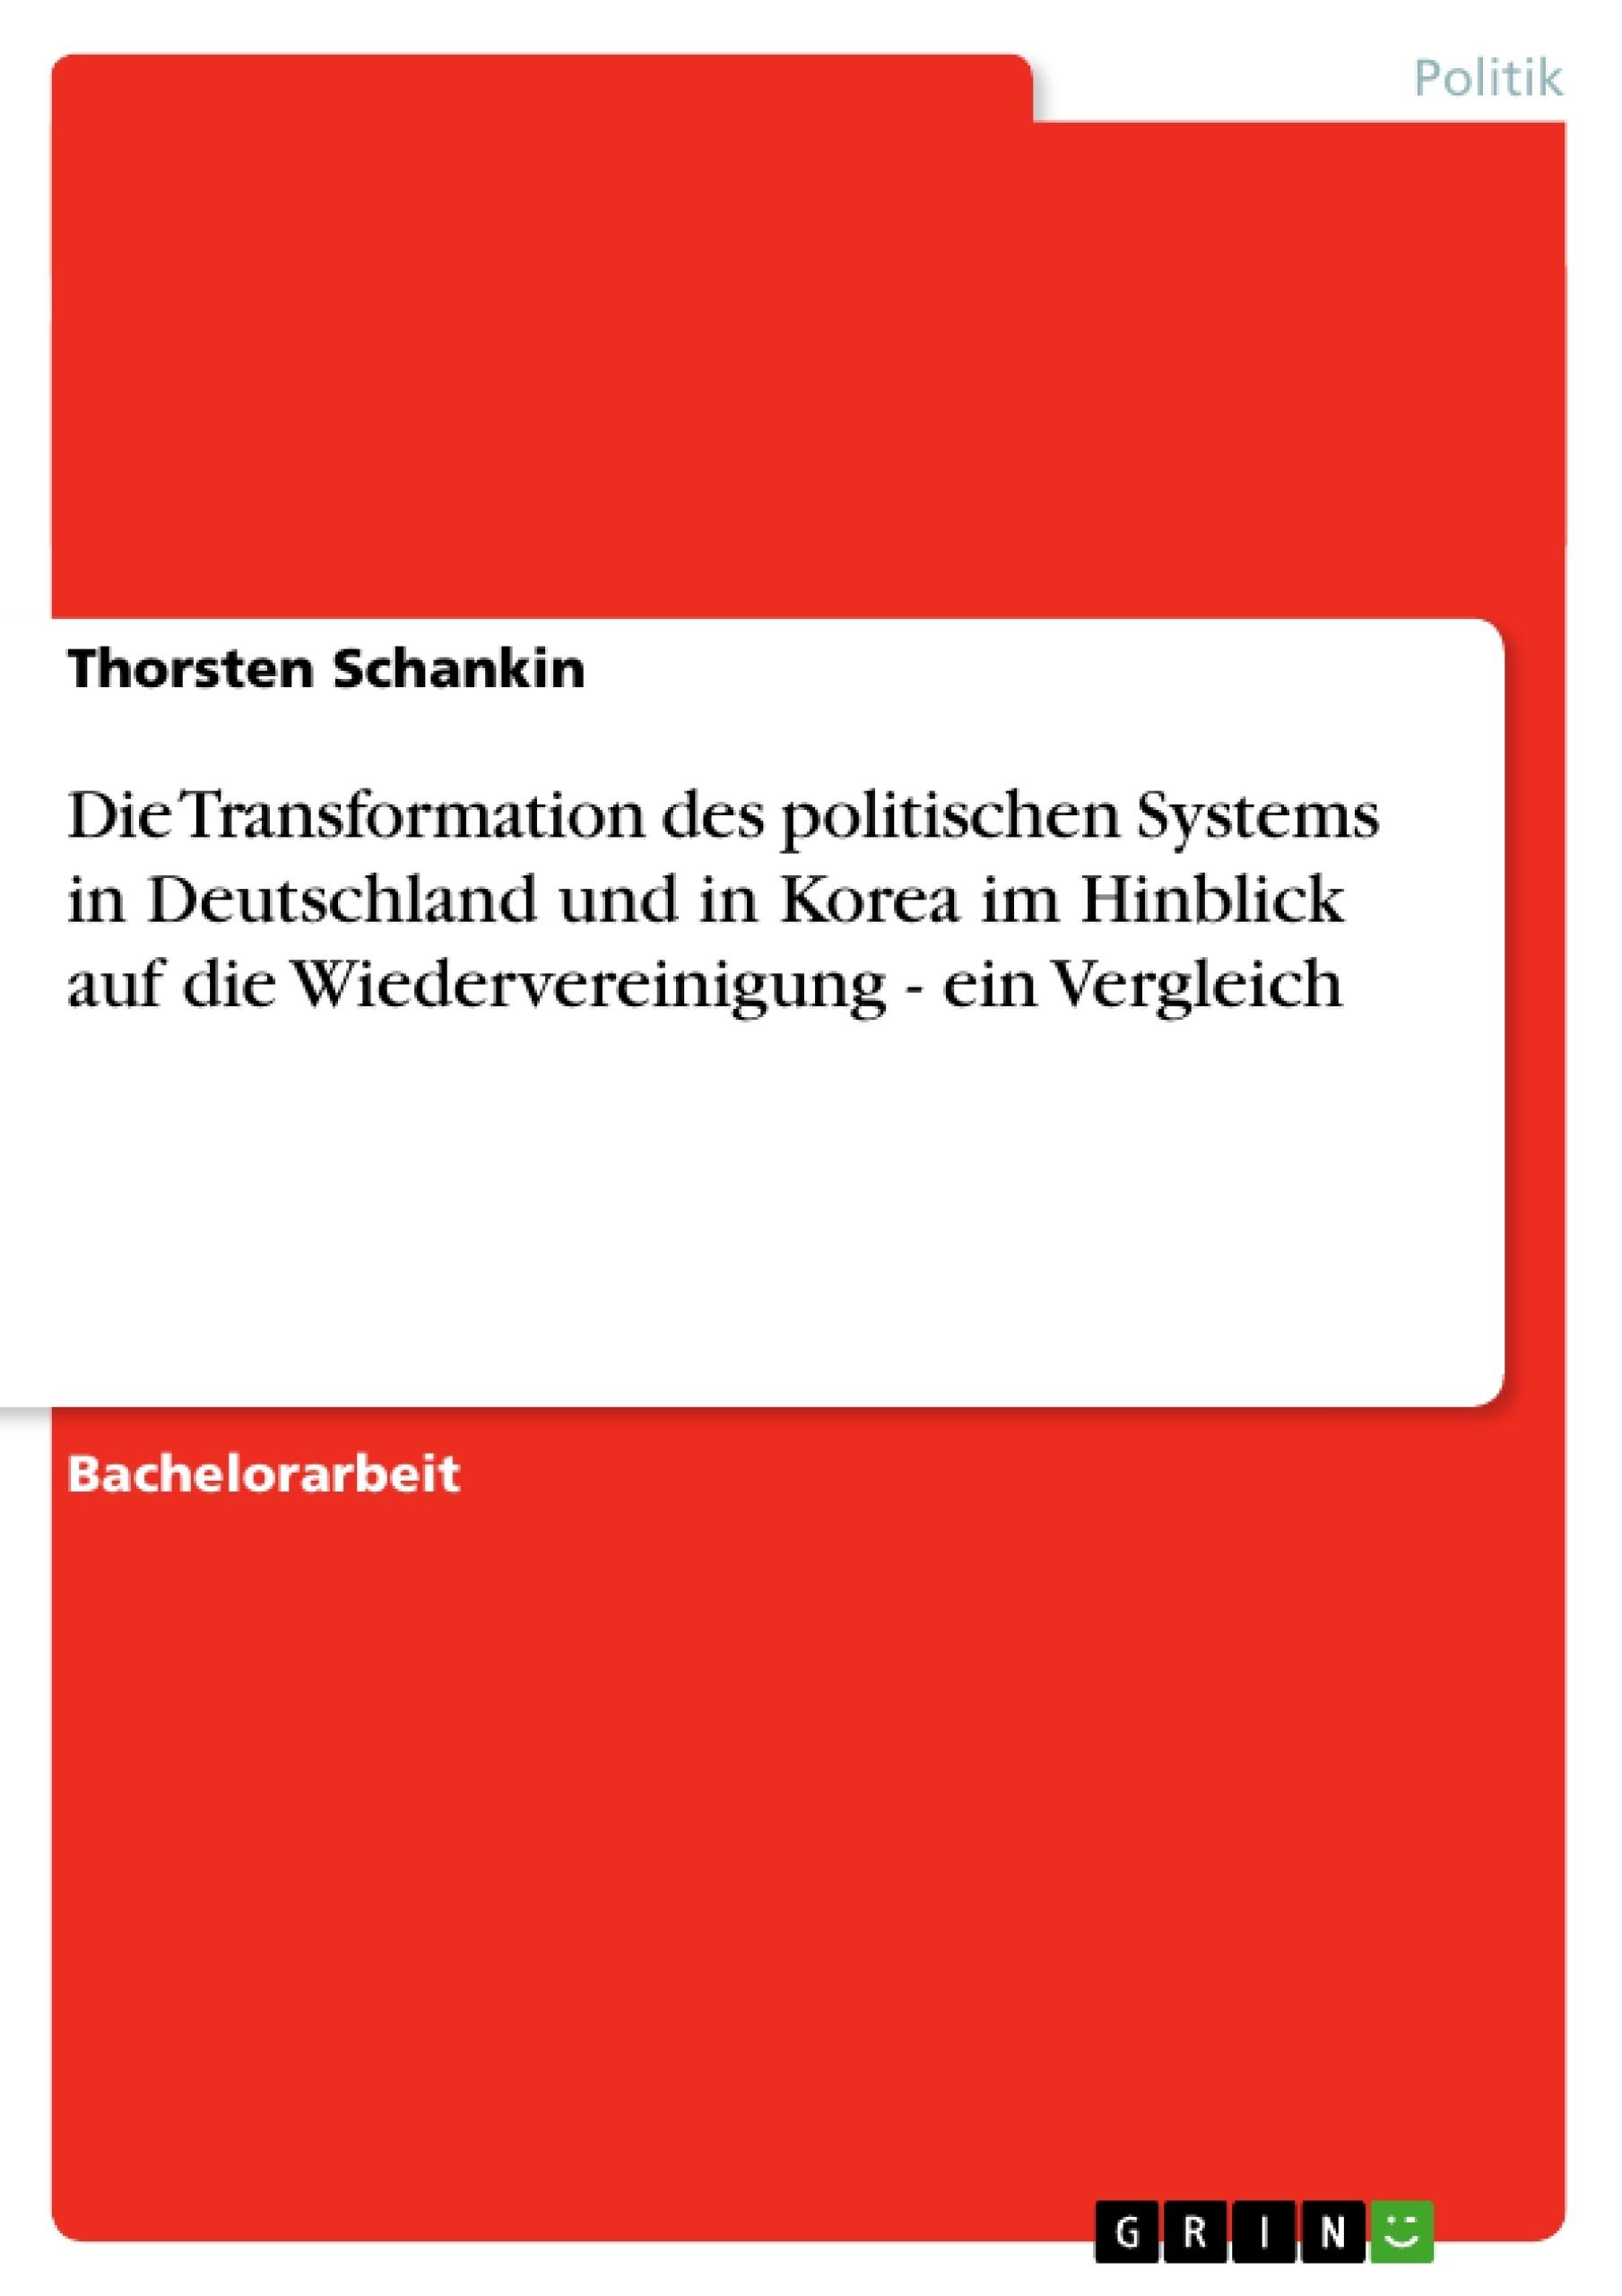 Titel: Die Transformation des politischen Systems in Deutschland und in Korea im Hinblick auf die Wiedervereinigung - ein Vergleich